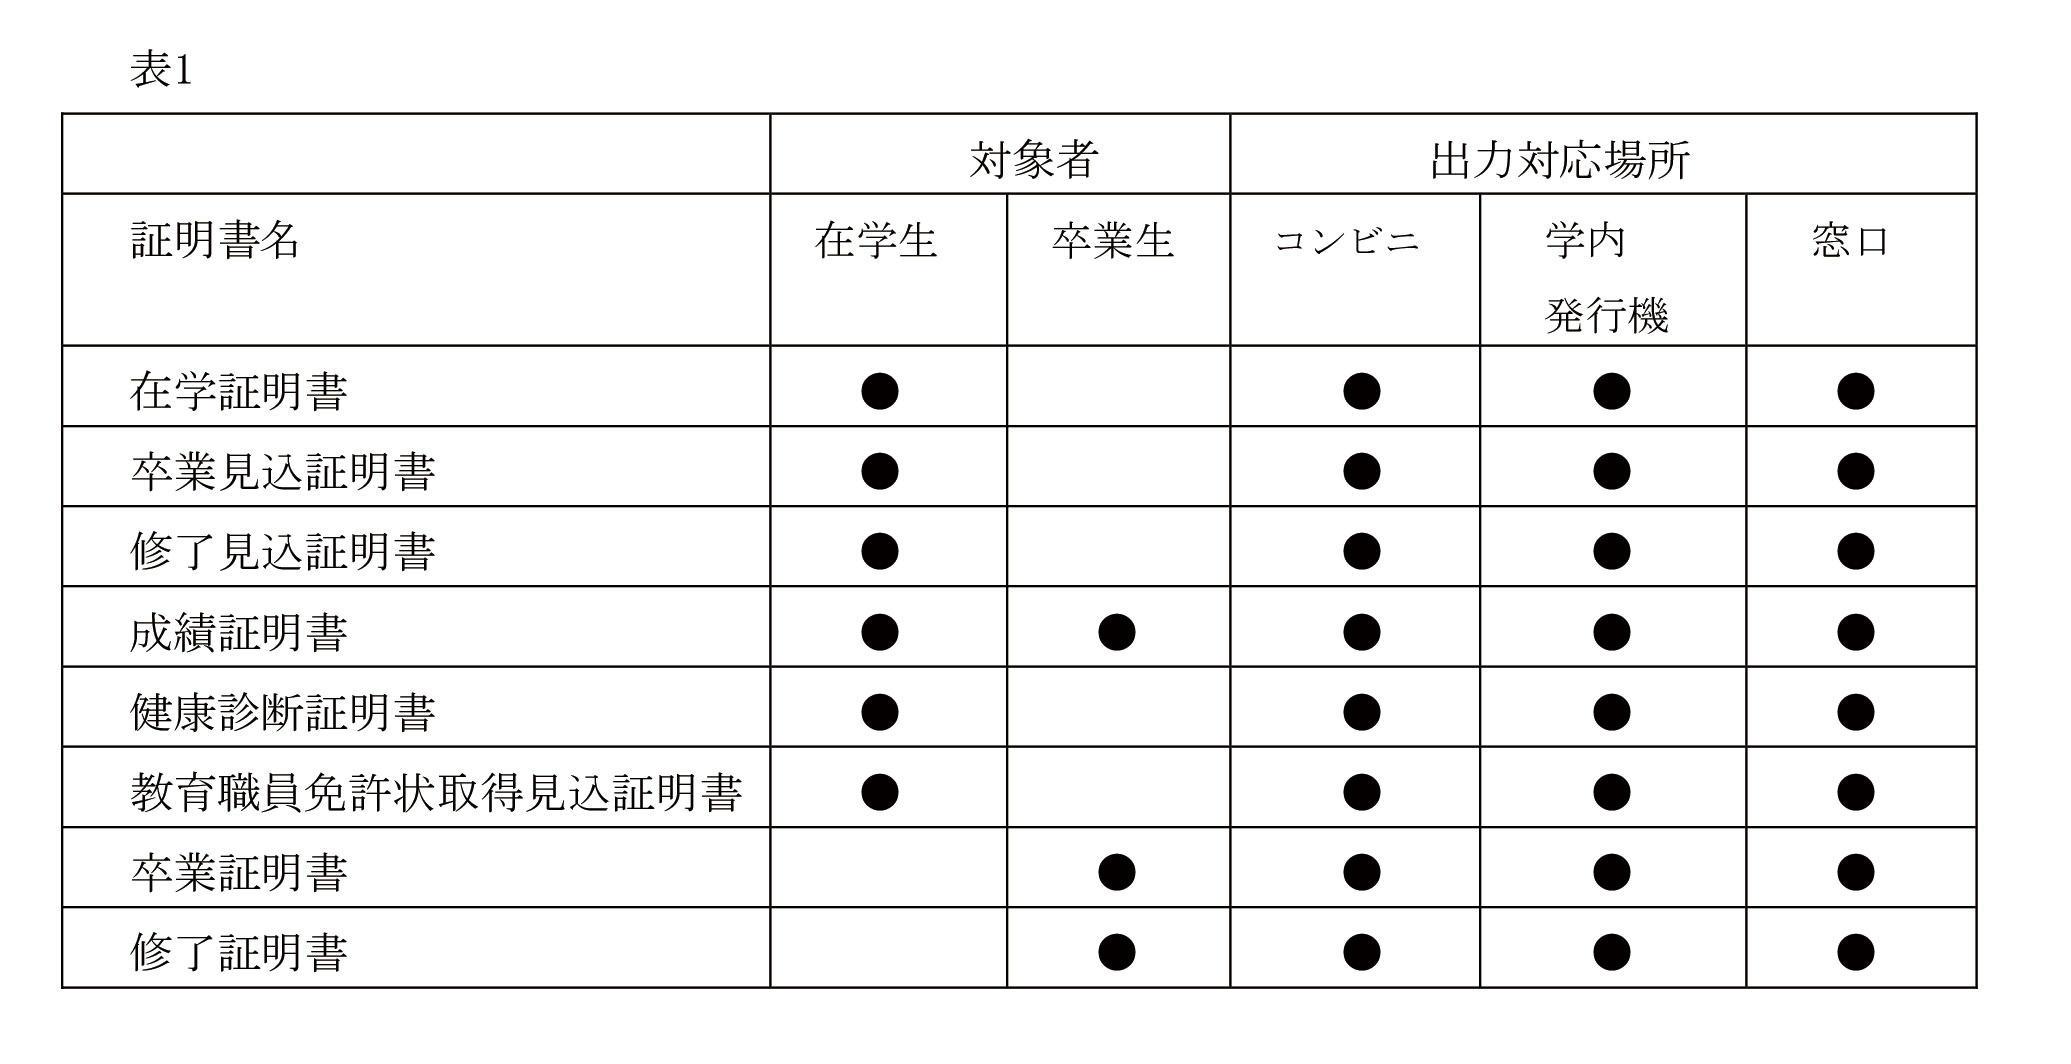 通学課程、通信教育課程を持つ総合大学で初めて※1証明書発行を完全オンライン化。申請から発行手数料決済まで一貫してWebで完結!通学課程では「コンビニで証明書発行」も可能に。NTT西日本と提携し、オンラインでの「証明書発行サービス※2」を開始